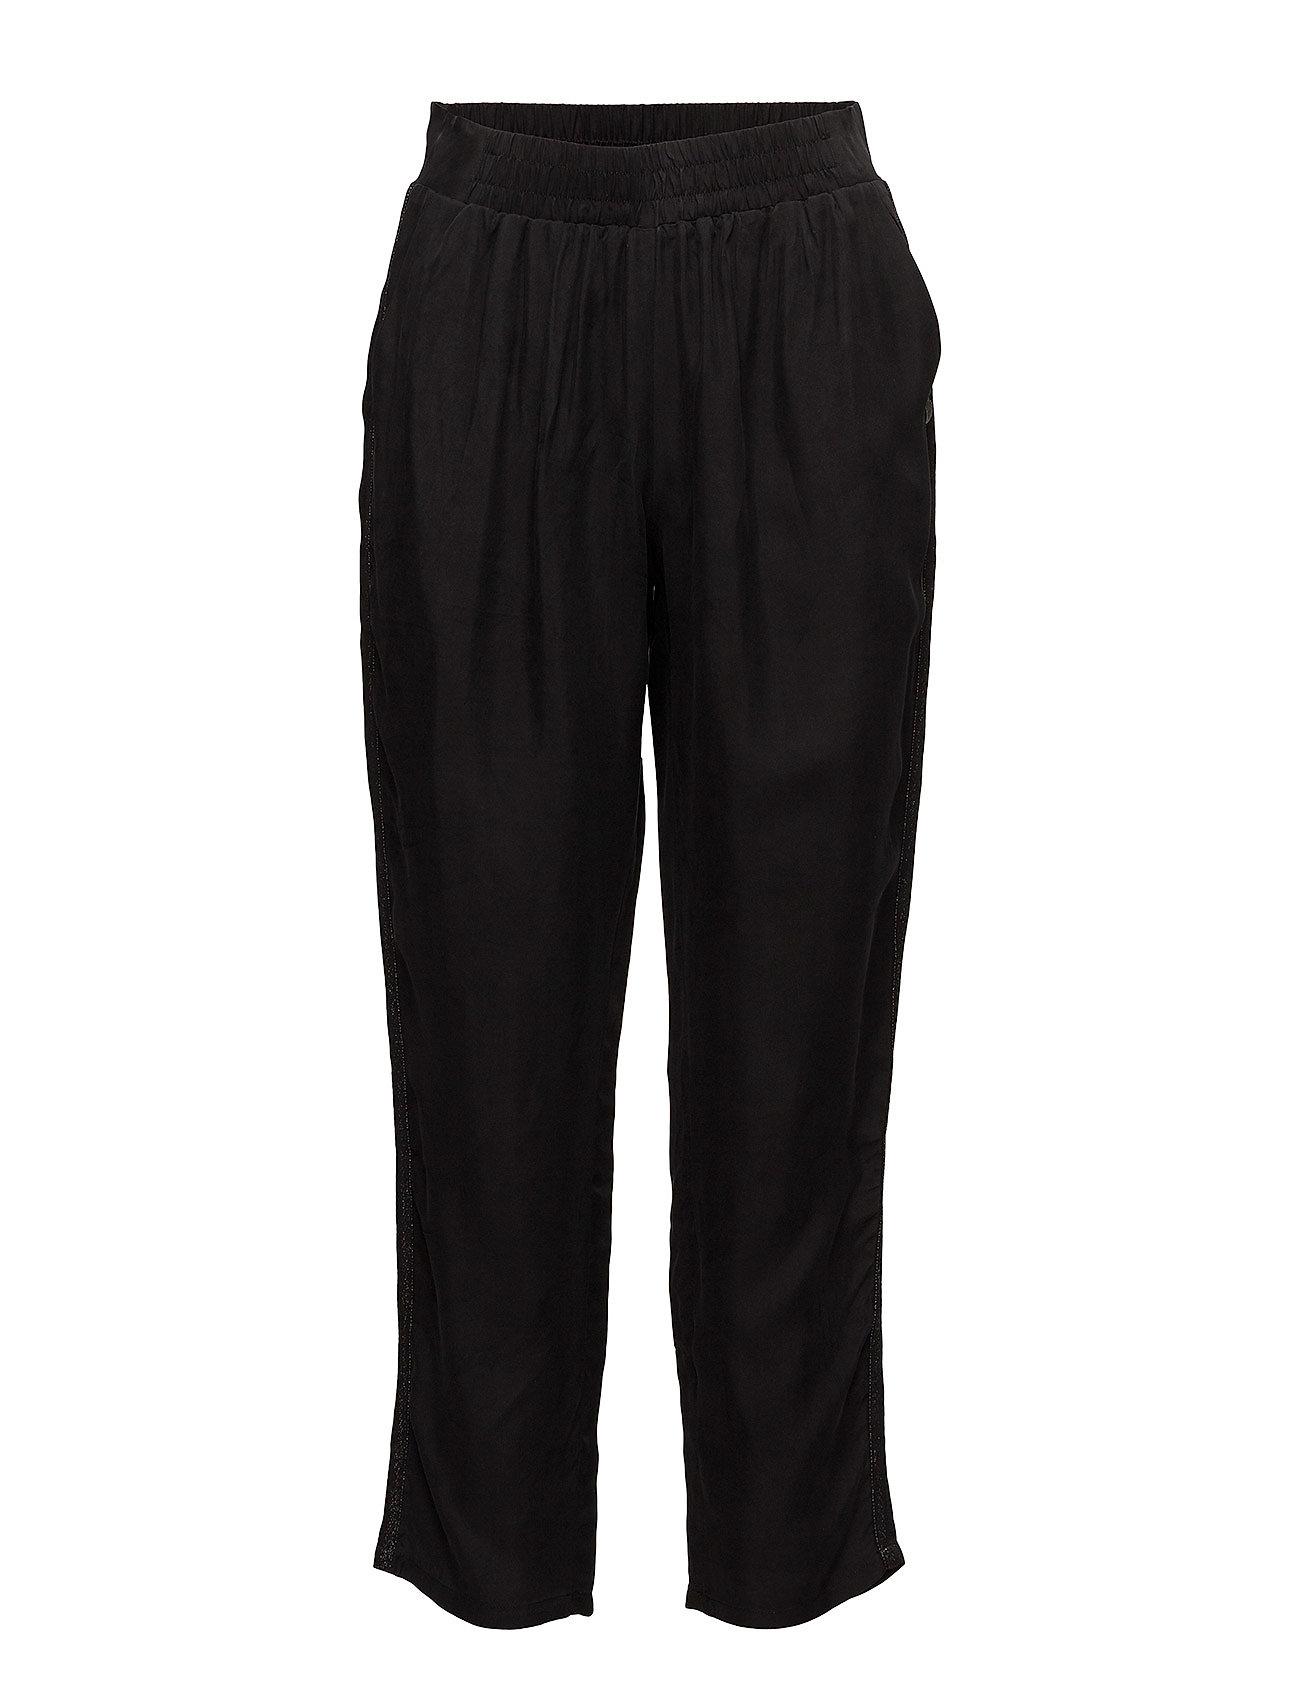 Pants W. Tape In Side Seam - Coster Copenhagen